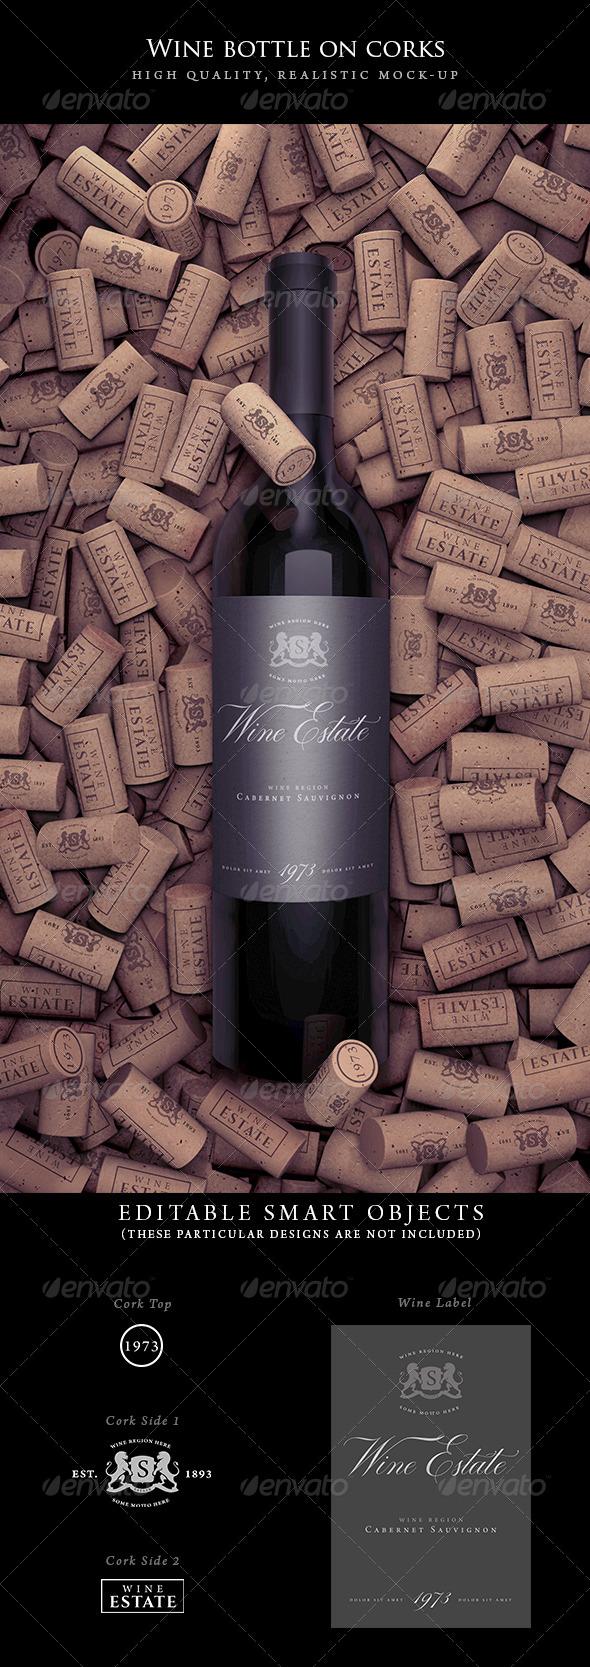 Wine Bottle on Corks Mock-Up